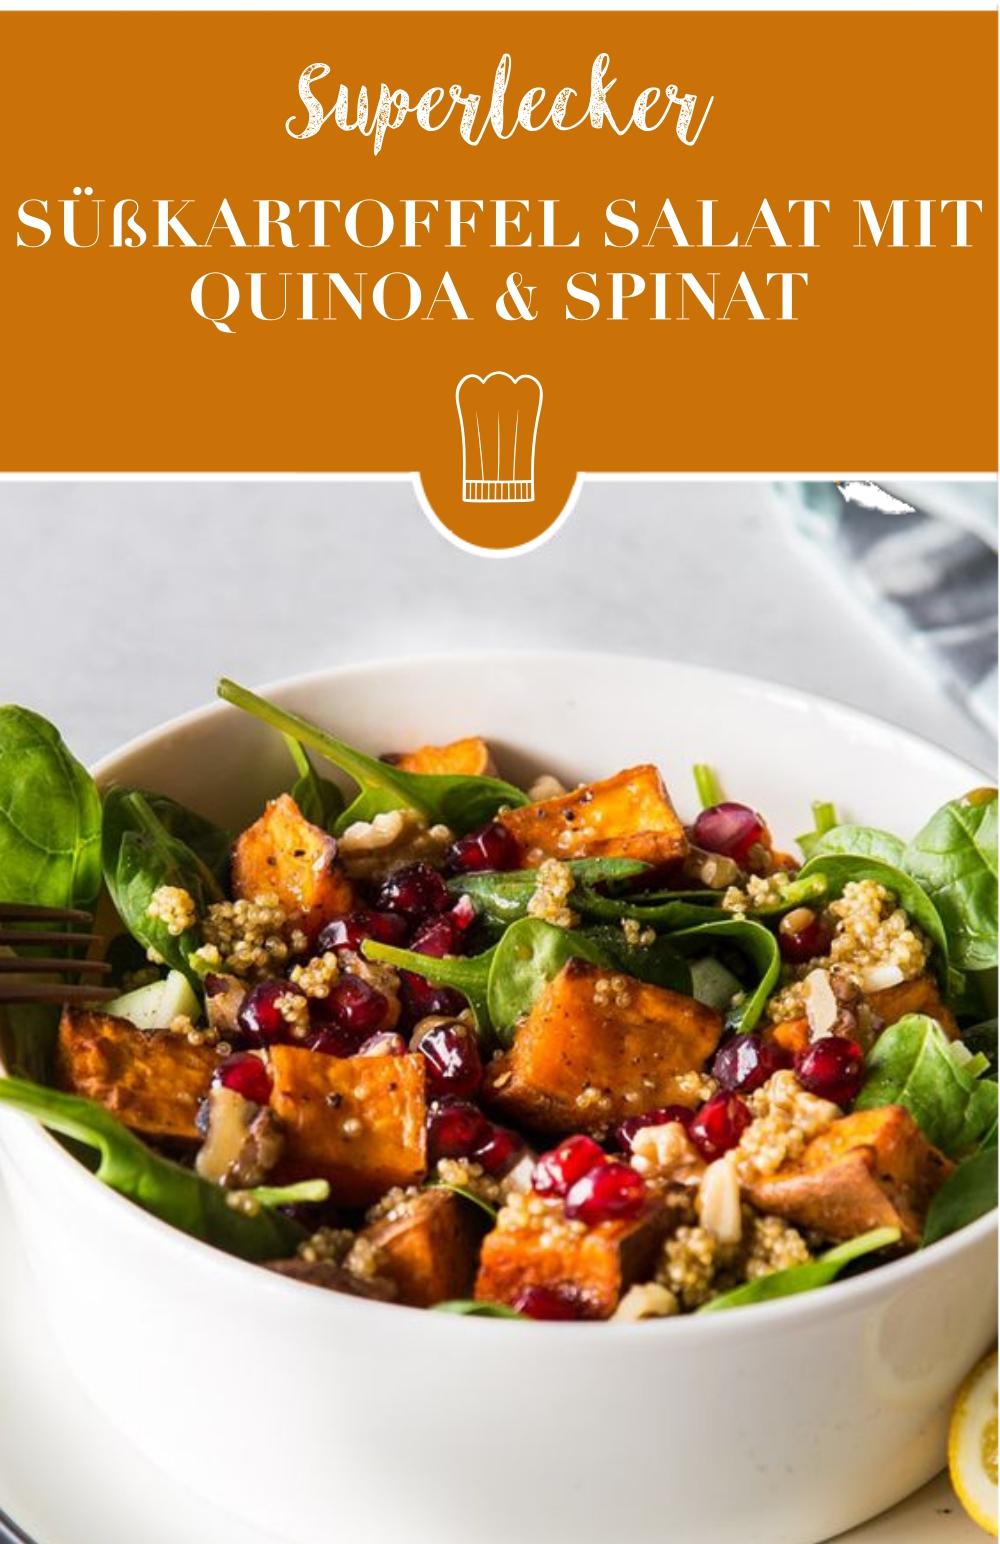 Süßkartoffel-Spinat Salat mit Quinoa: Superlecker & perfekt für die Mittagspause!